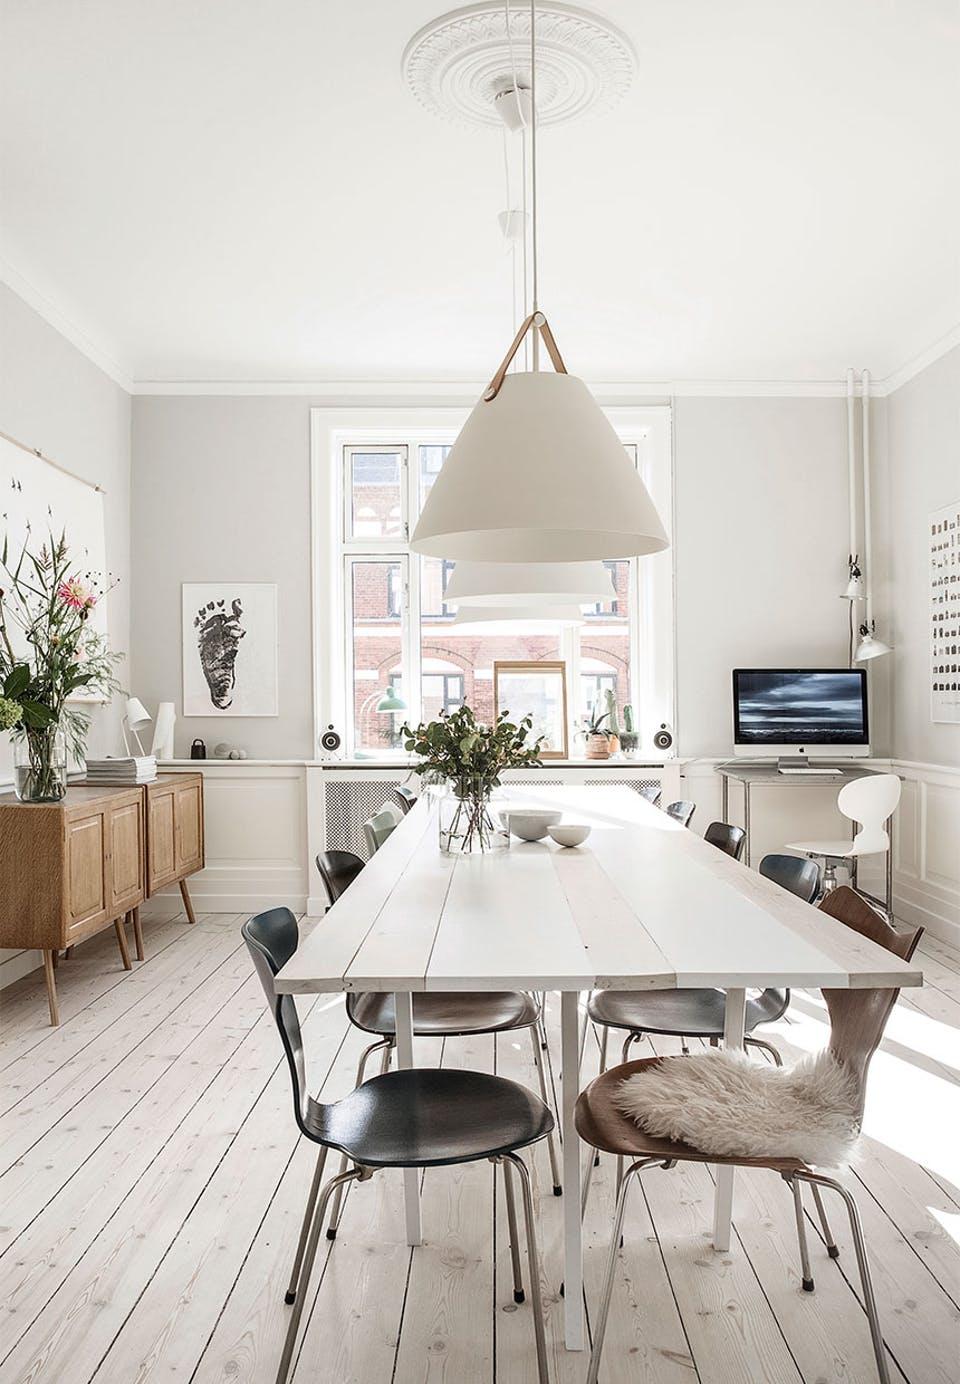 Diy reciclaje y muebles daneses de dise o blog tienda for Decoracion reciclaje interiores